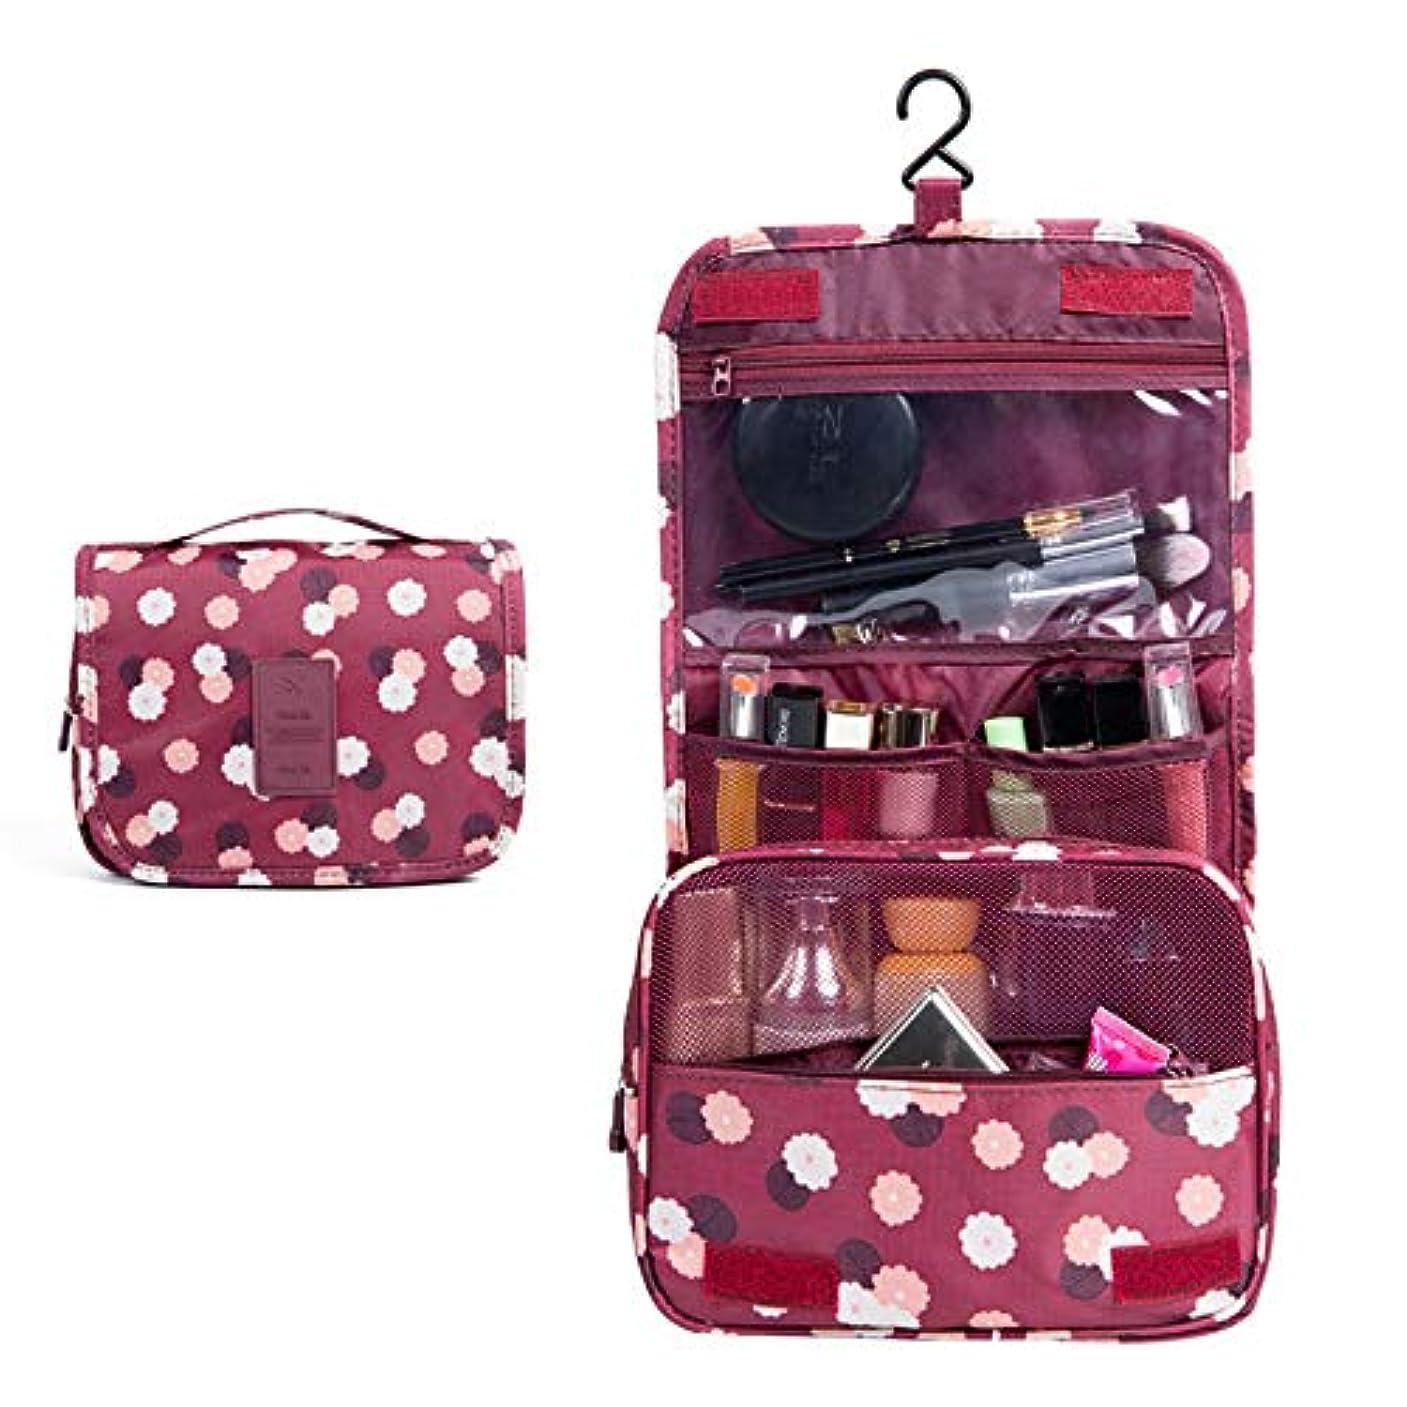 優越仮定、想定。推測ひいきにする化粧オーガナイザーバッグ ポータブル旅行折りたたみフックオーガナイザーバッグトイレタリーバッグを作る化粧品バッグブルーフラワー 化粧品ケース (色 : 赤)